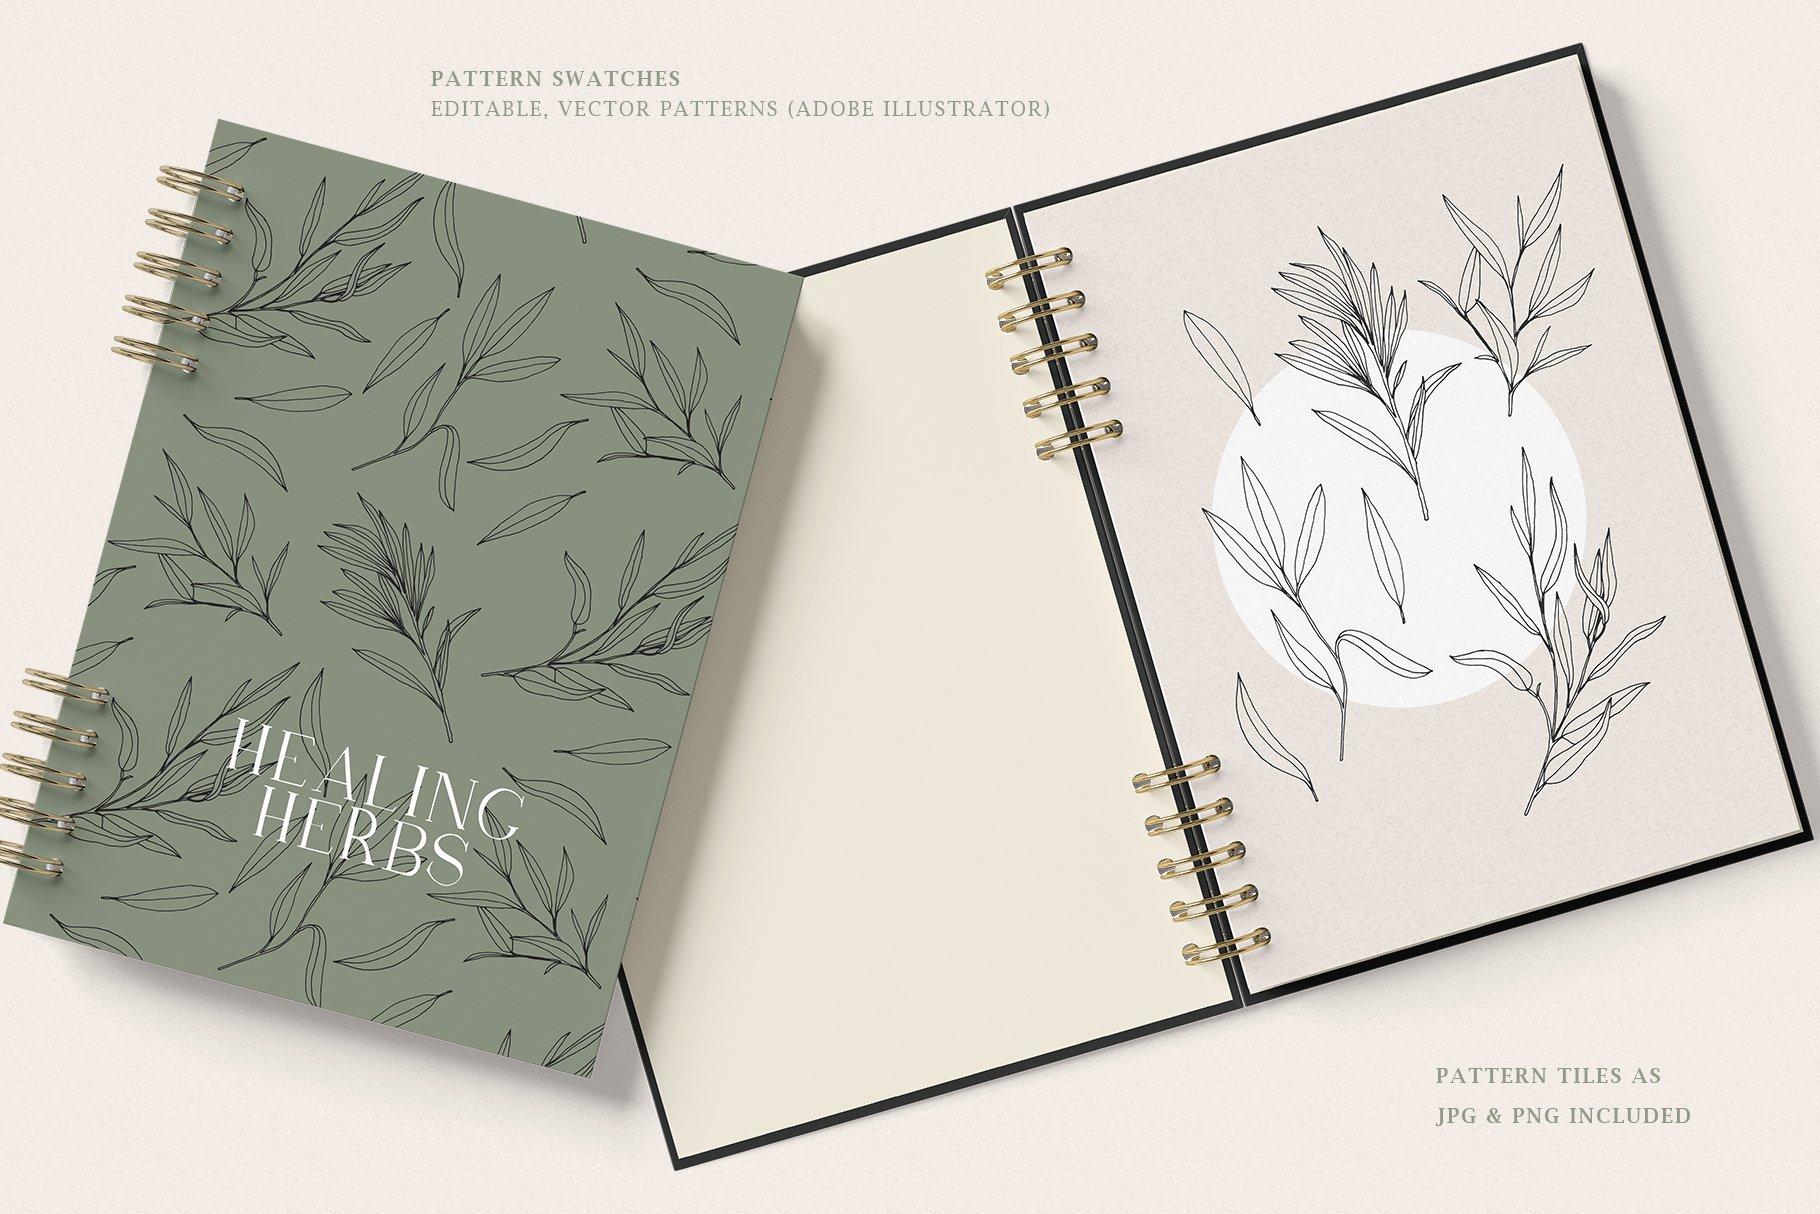 优雅中药草药花草手绘无缝隙矢量图案设计素材 Herbs Patterns & Illustrations插图1